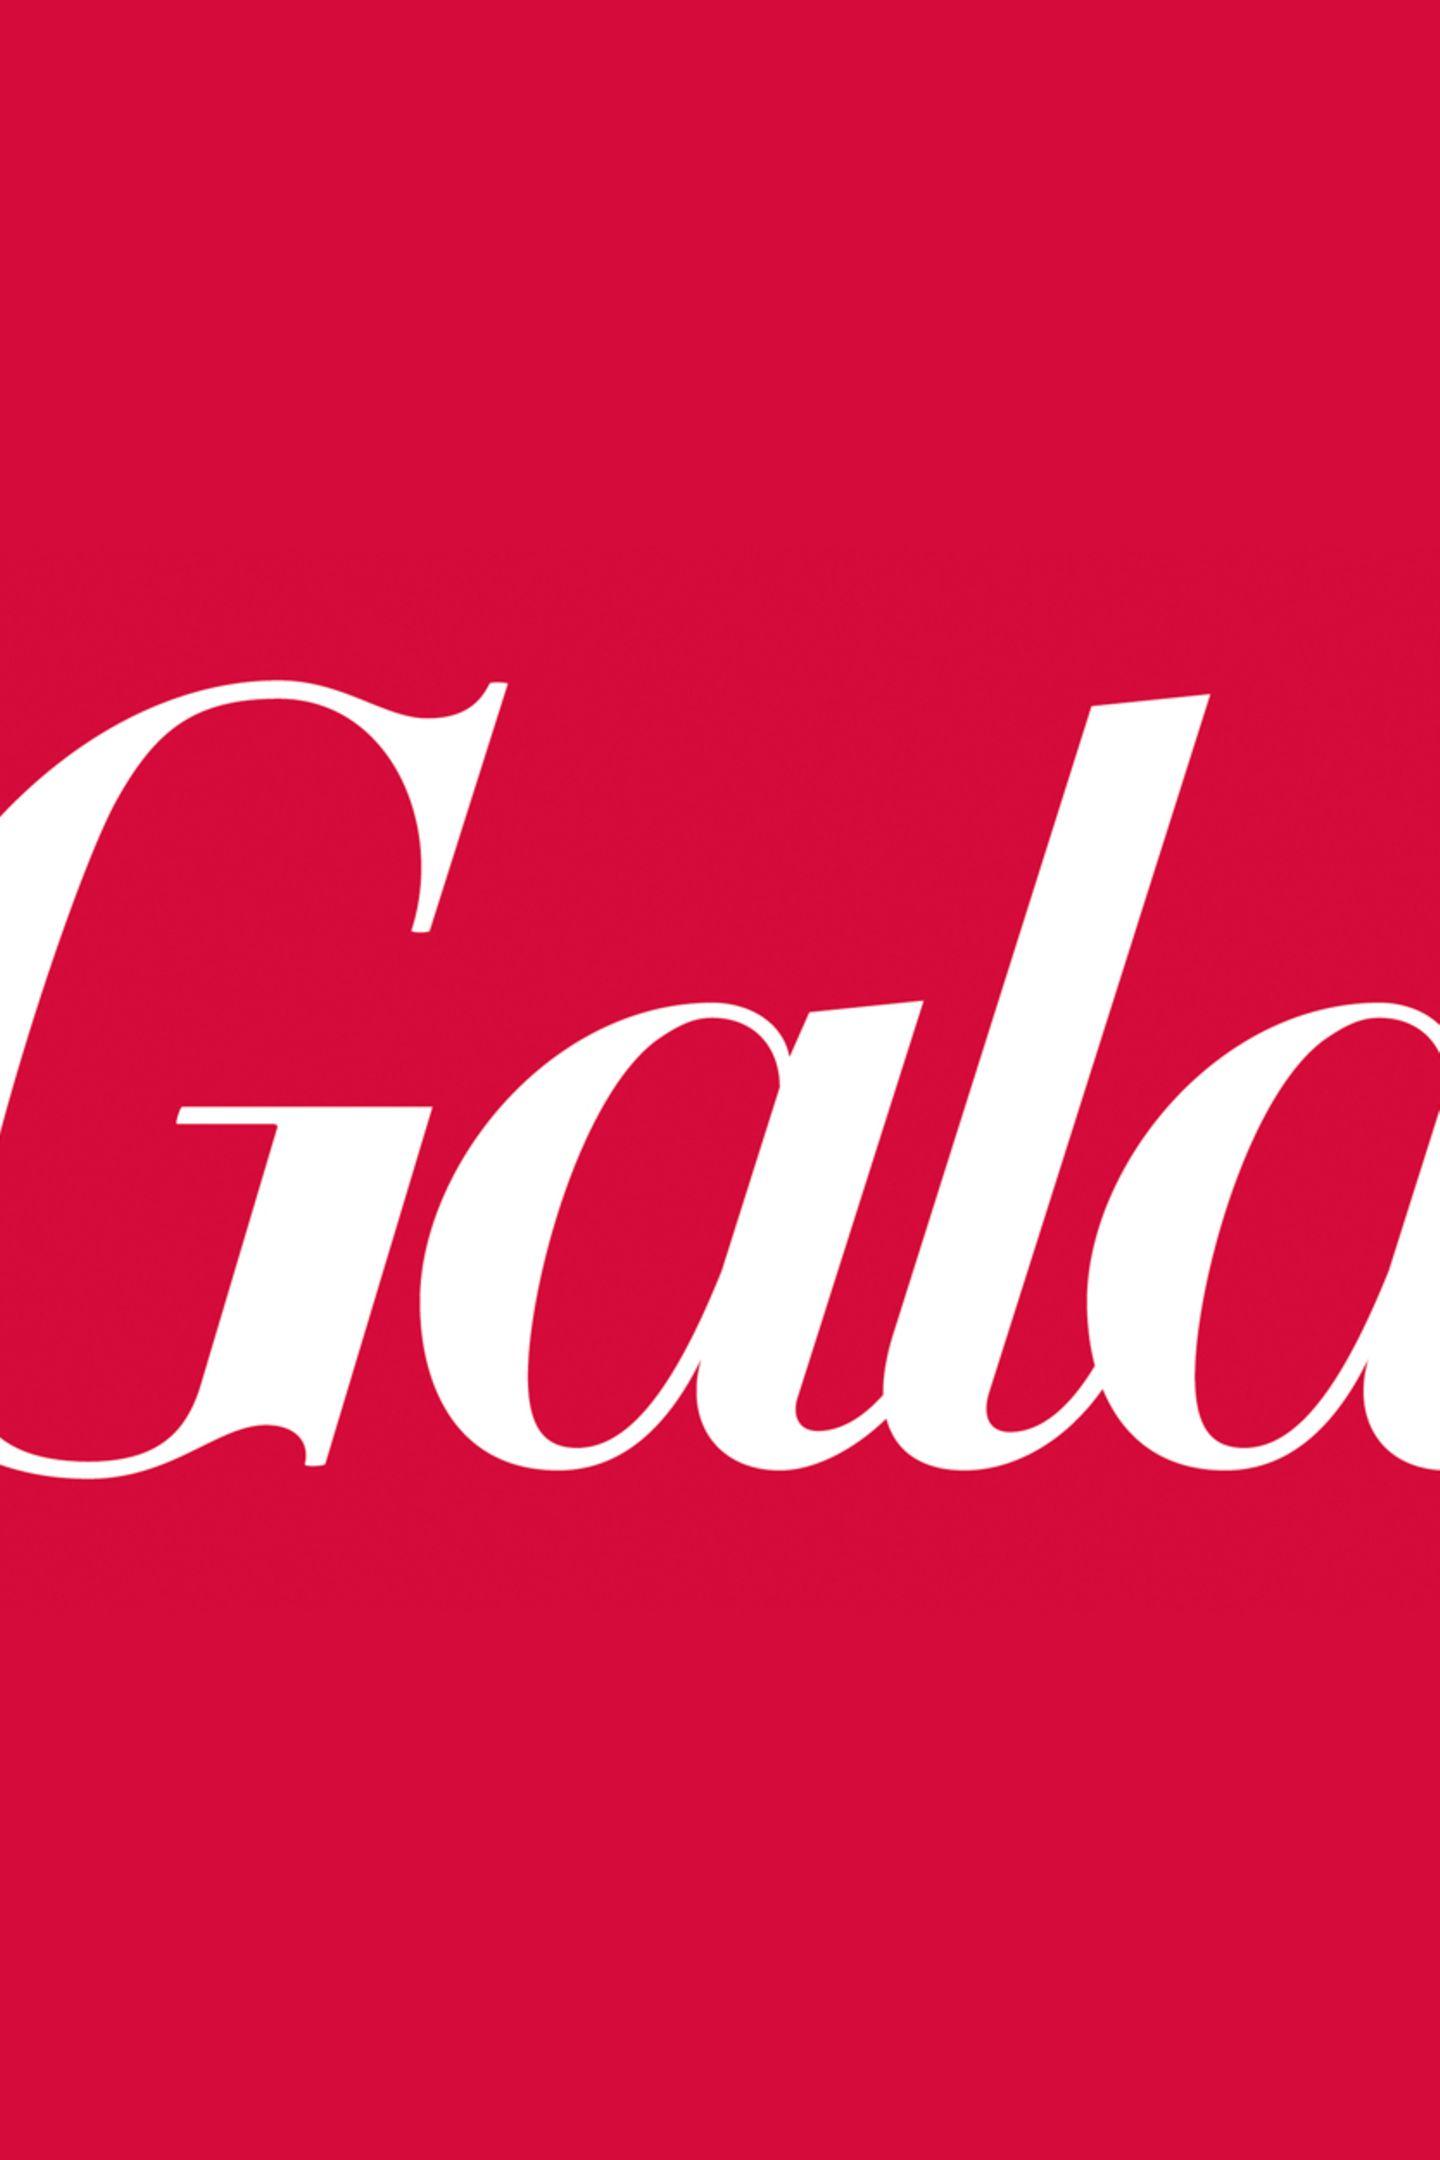 Im April 1994 ist die erste Ausgabe der Gala erschienen. 2019 freut sich die Redaktion und all die fleißigen Leser, über das mittlerweile 25-jährige Bestehen.